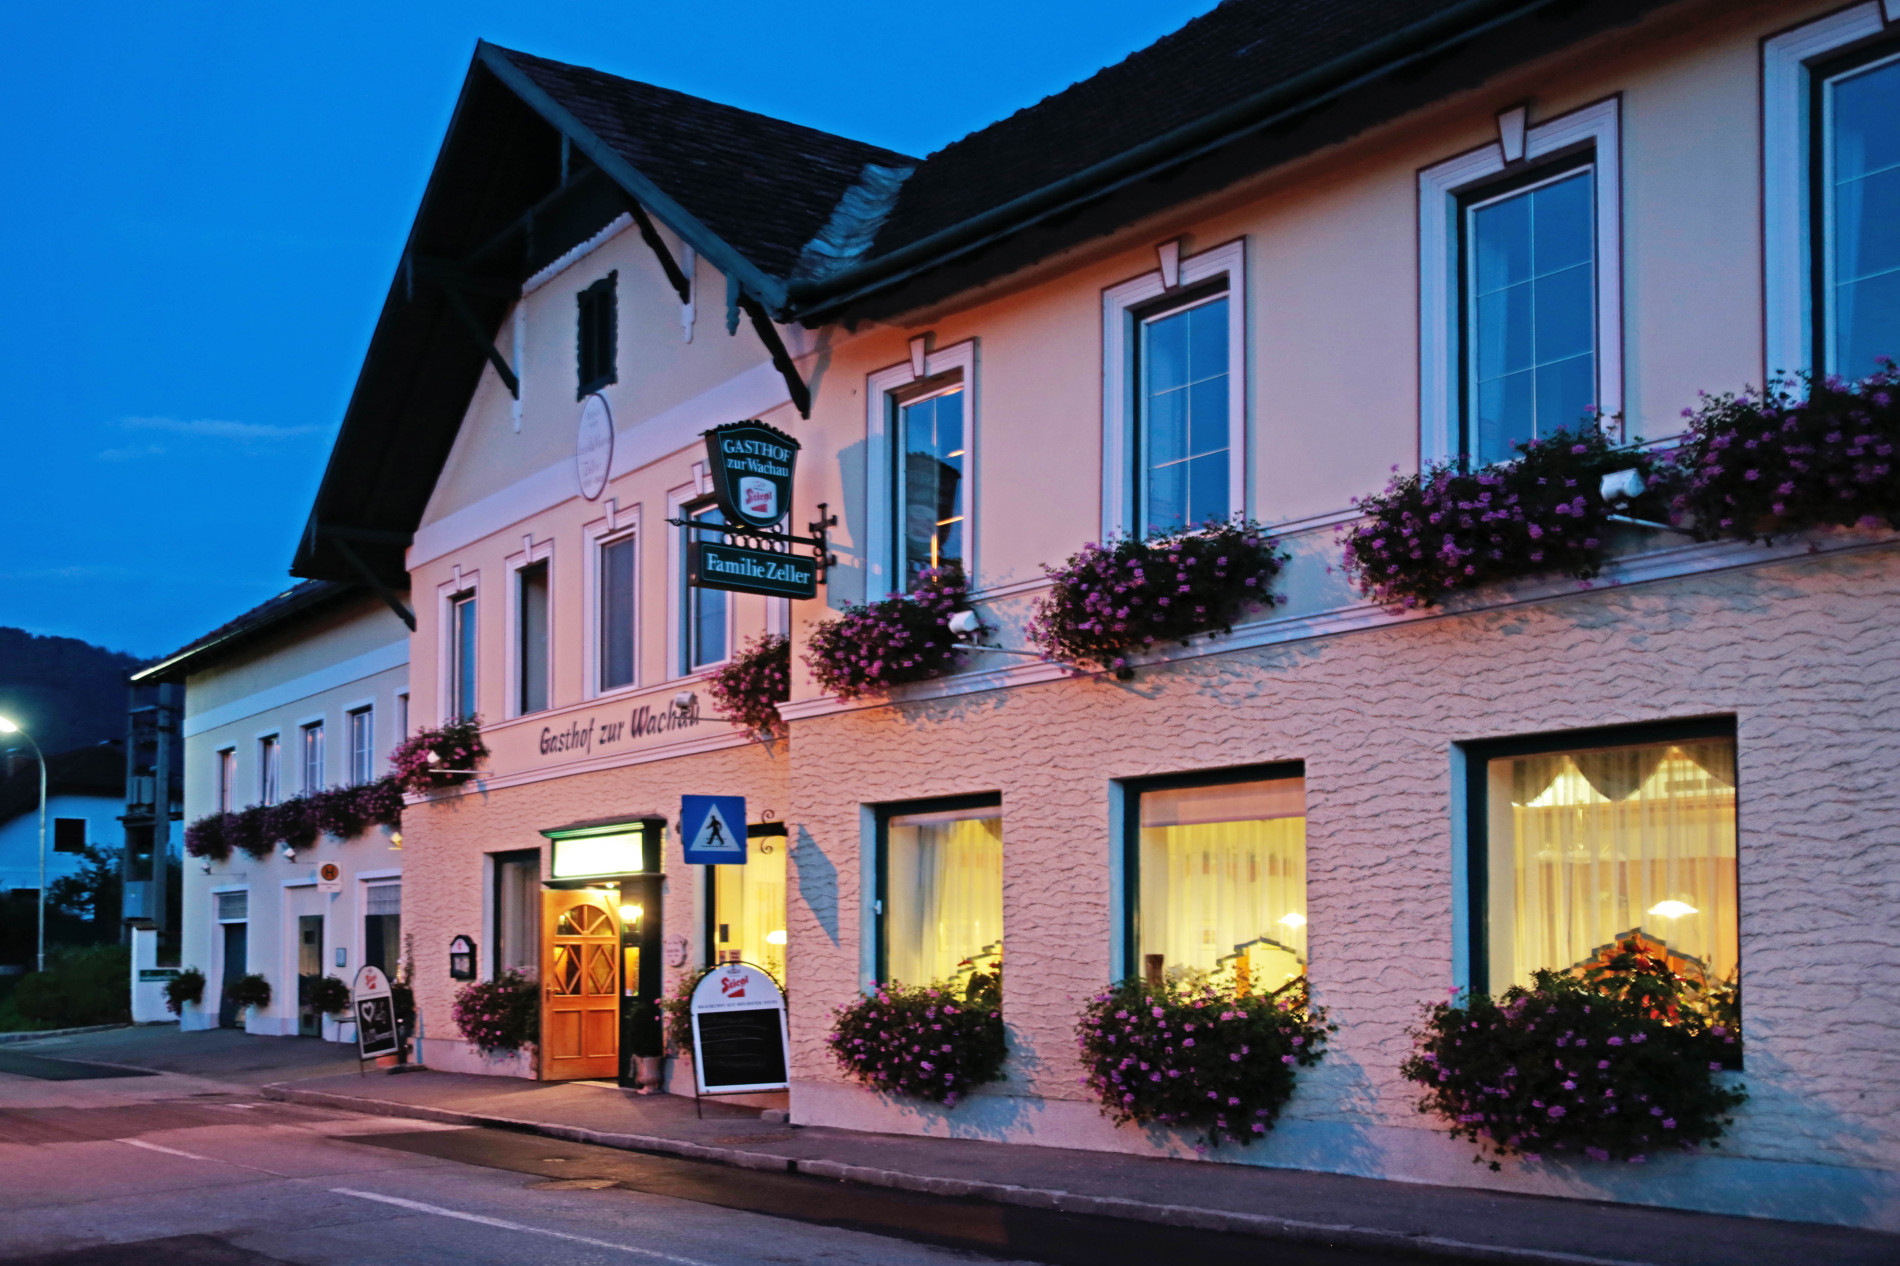 Gasthof zur Wachau - Außenansicht